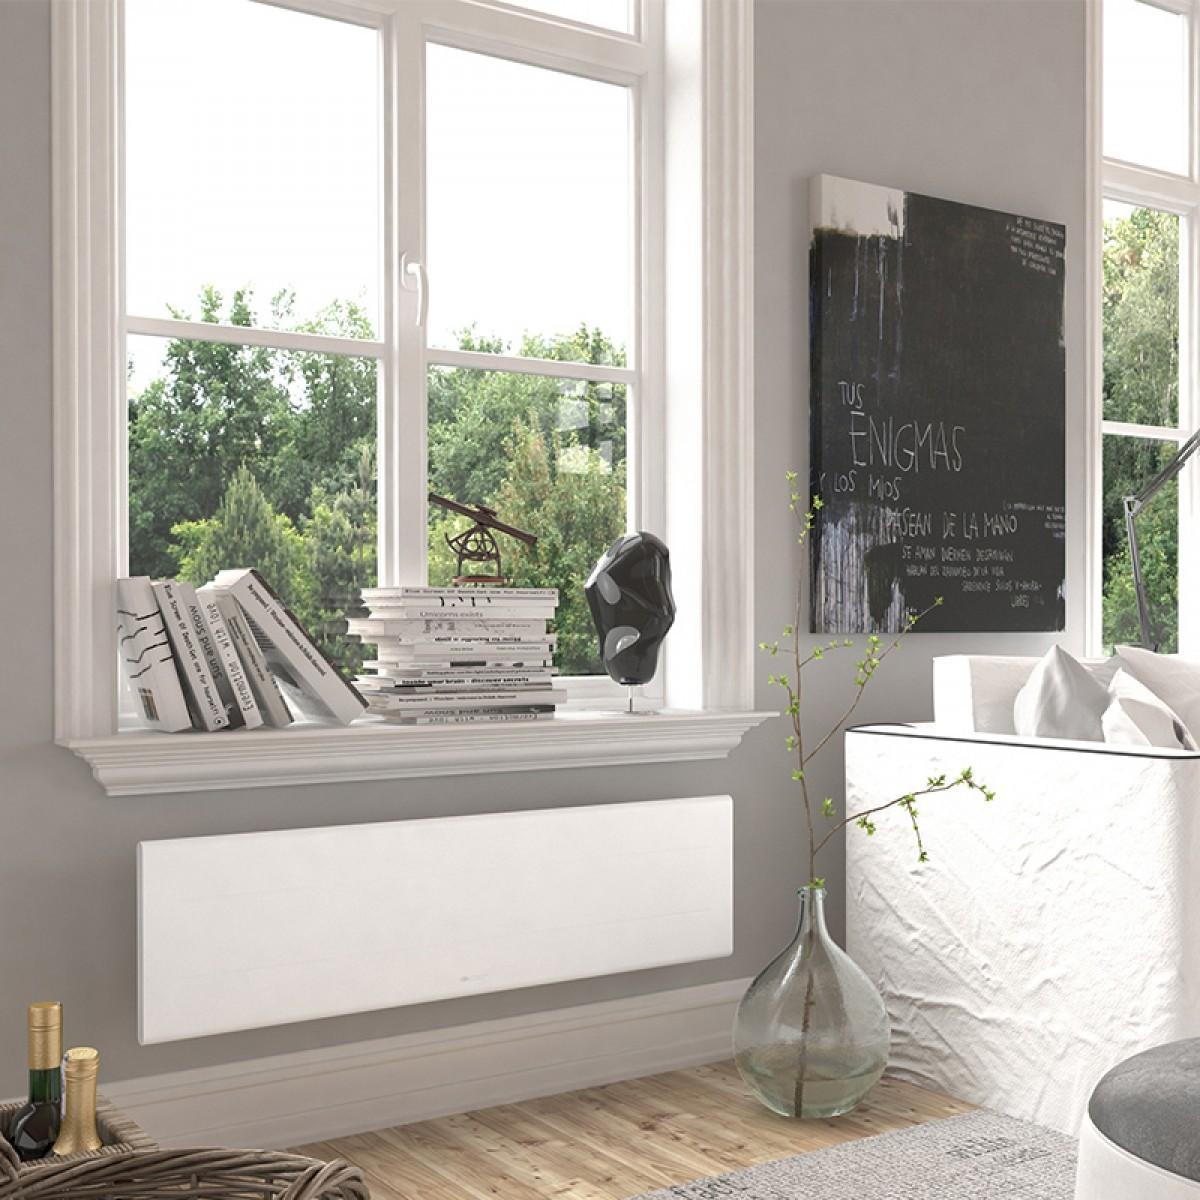 radiateur electrique sous fenetre radiateur eau sous fenetre radiateur sous fen tre inertie. Black Bedroom Furniture Sets. Home Design Ideas